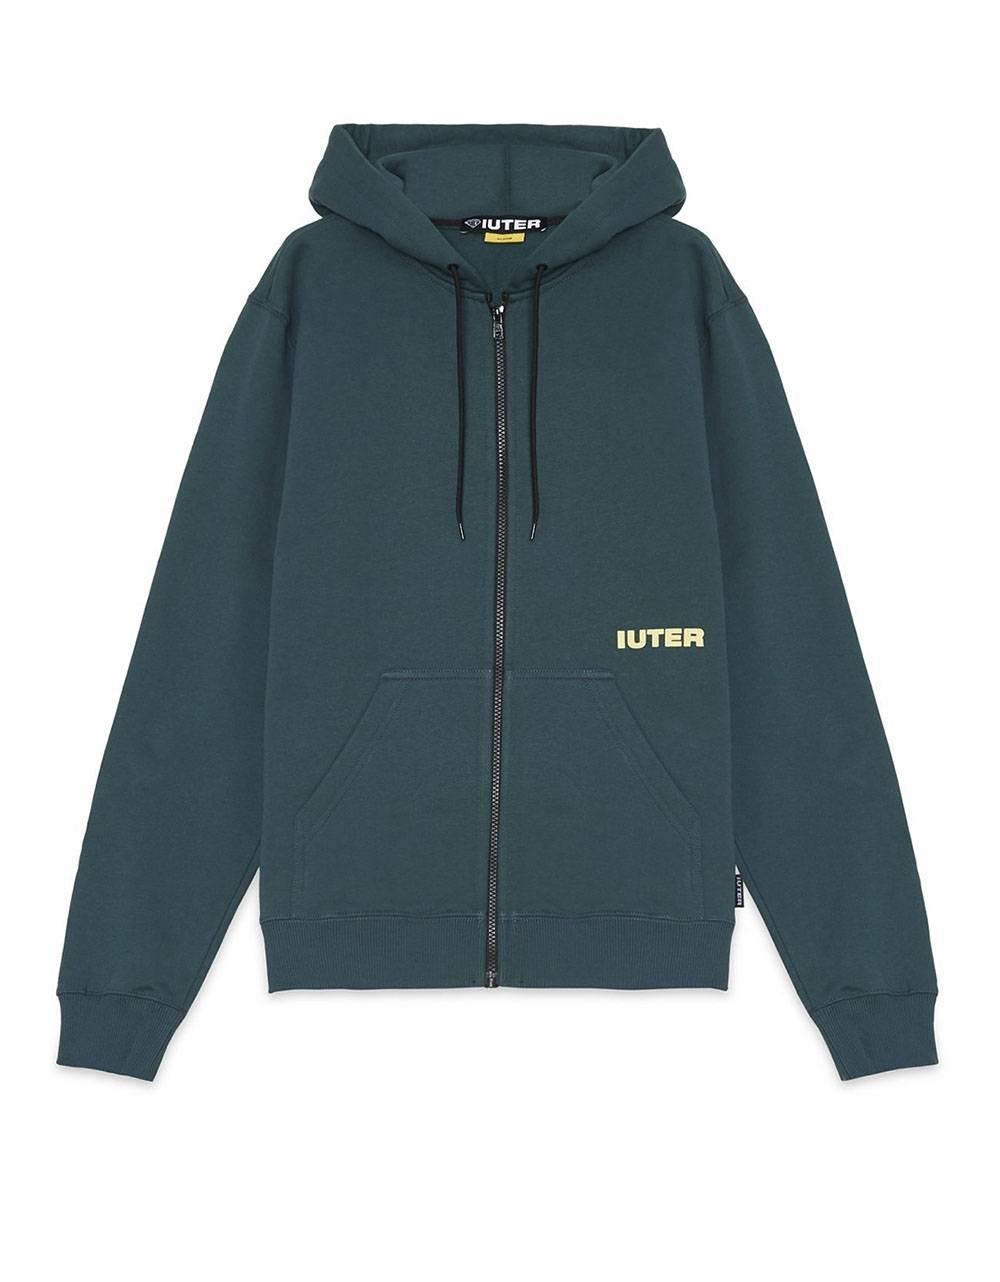 Iuter Double logo zip hoodie - Forest IUTER Sweater 96,00€